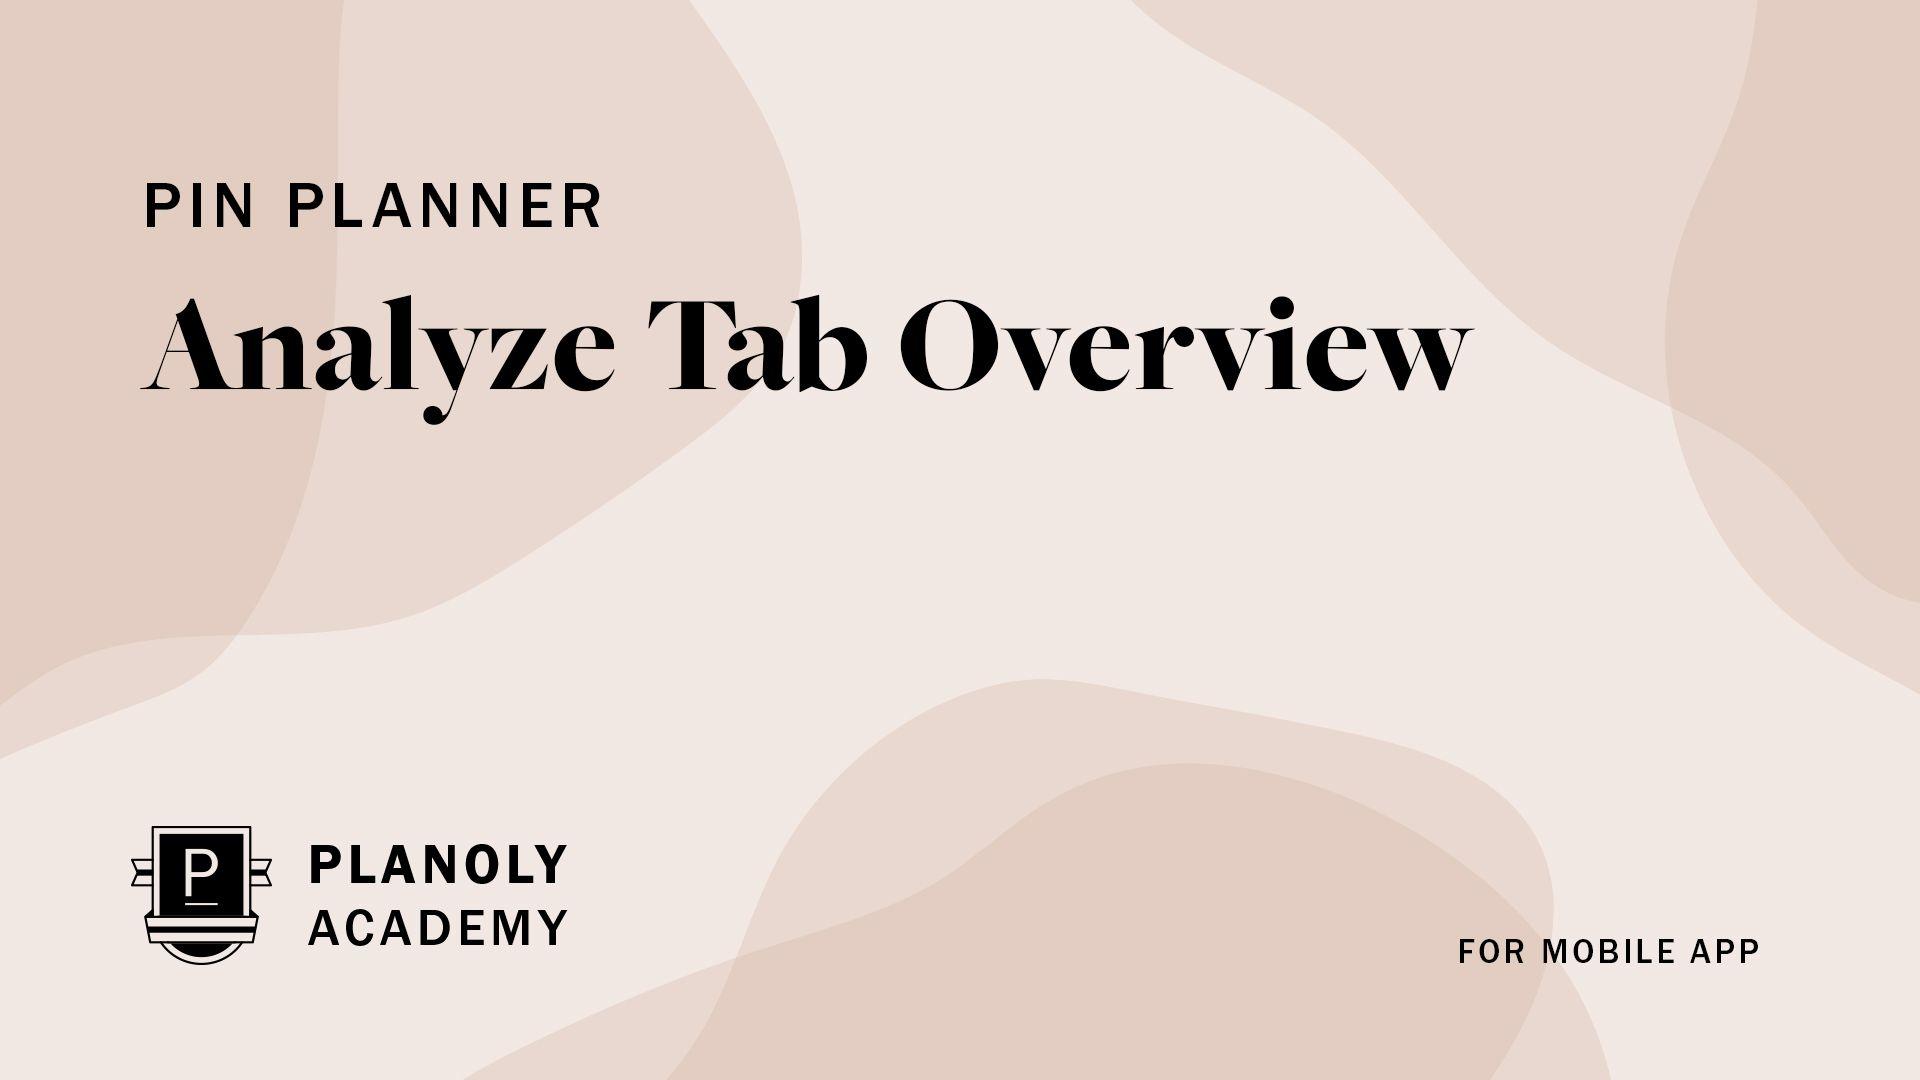 Analyze Tab Overview